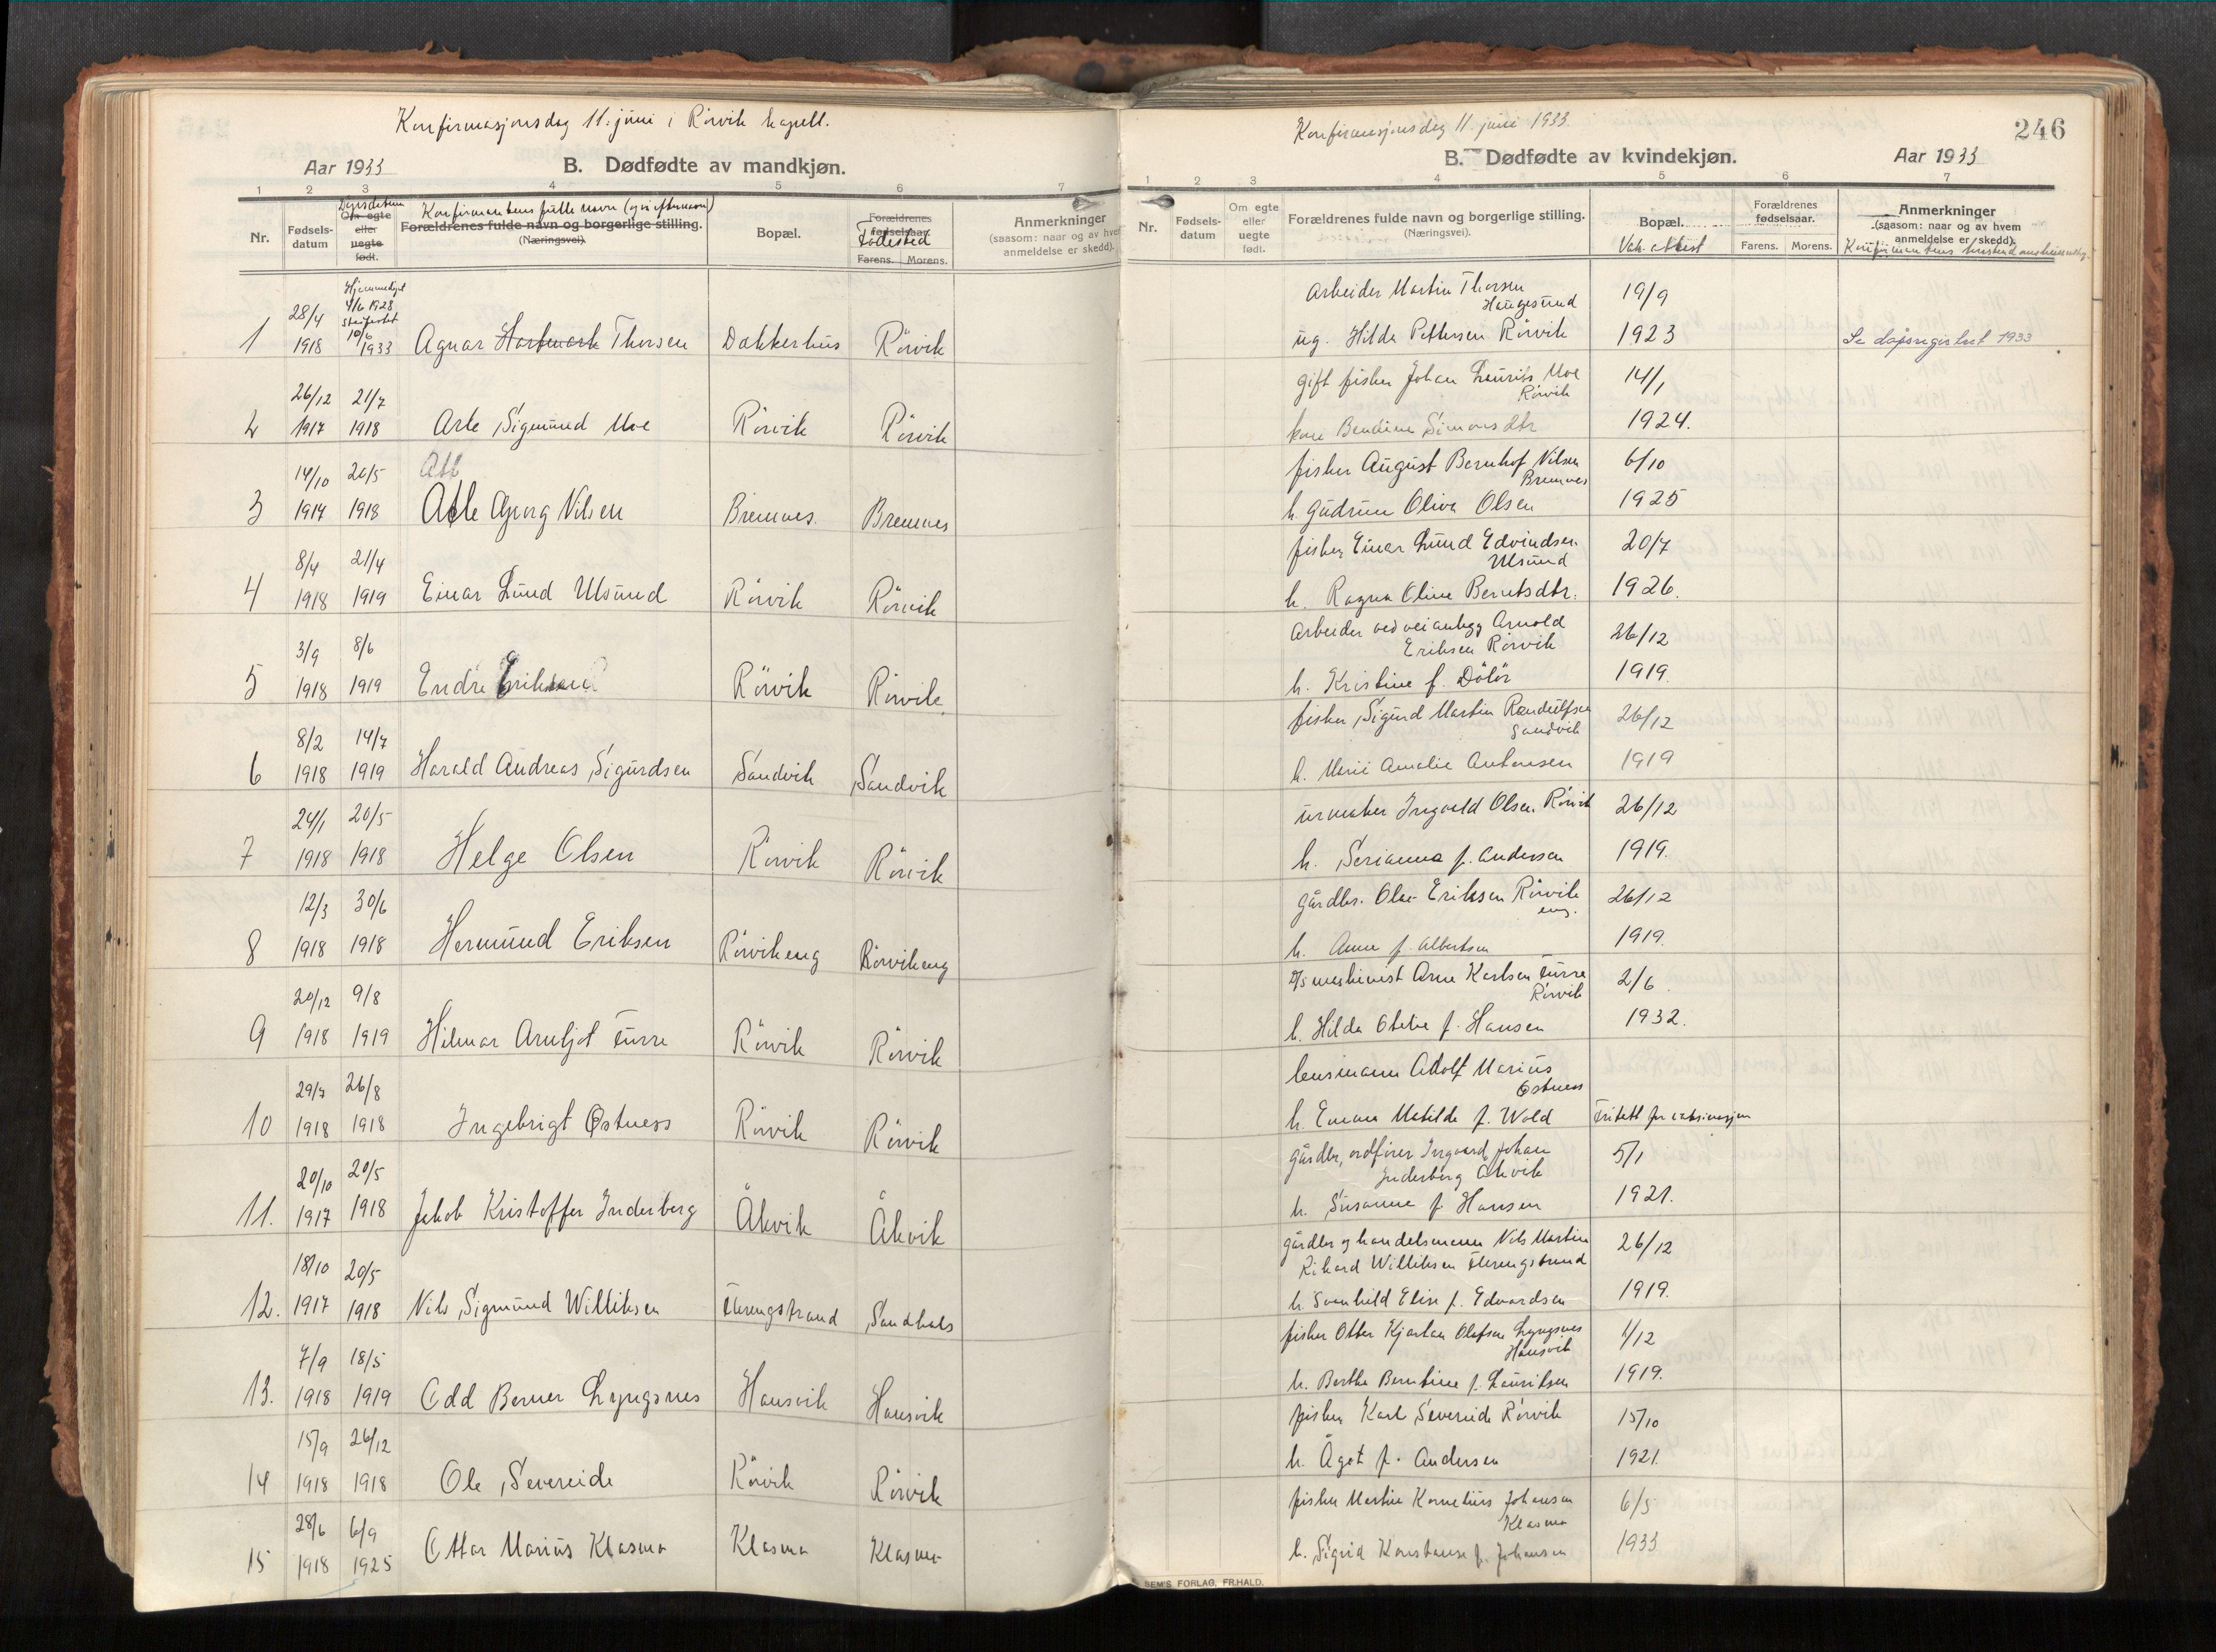 SAT, Vikna sokneprestkontor*, Parish register (official) no. 1, 1913-1934, p. 246